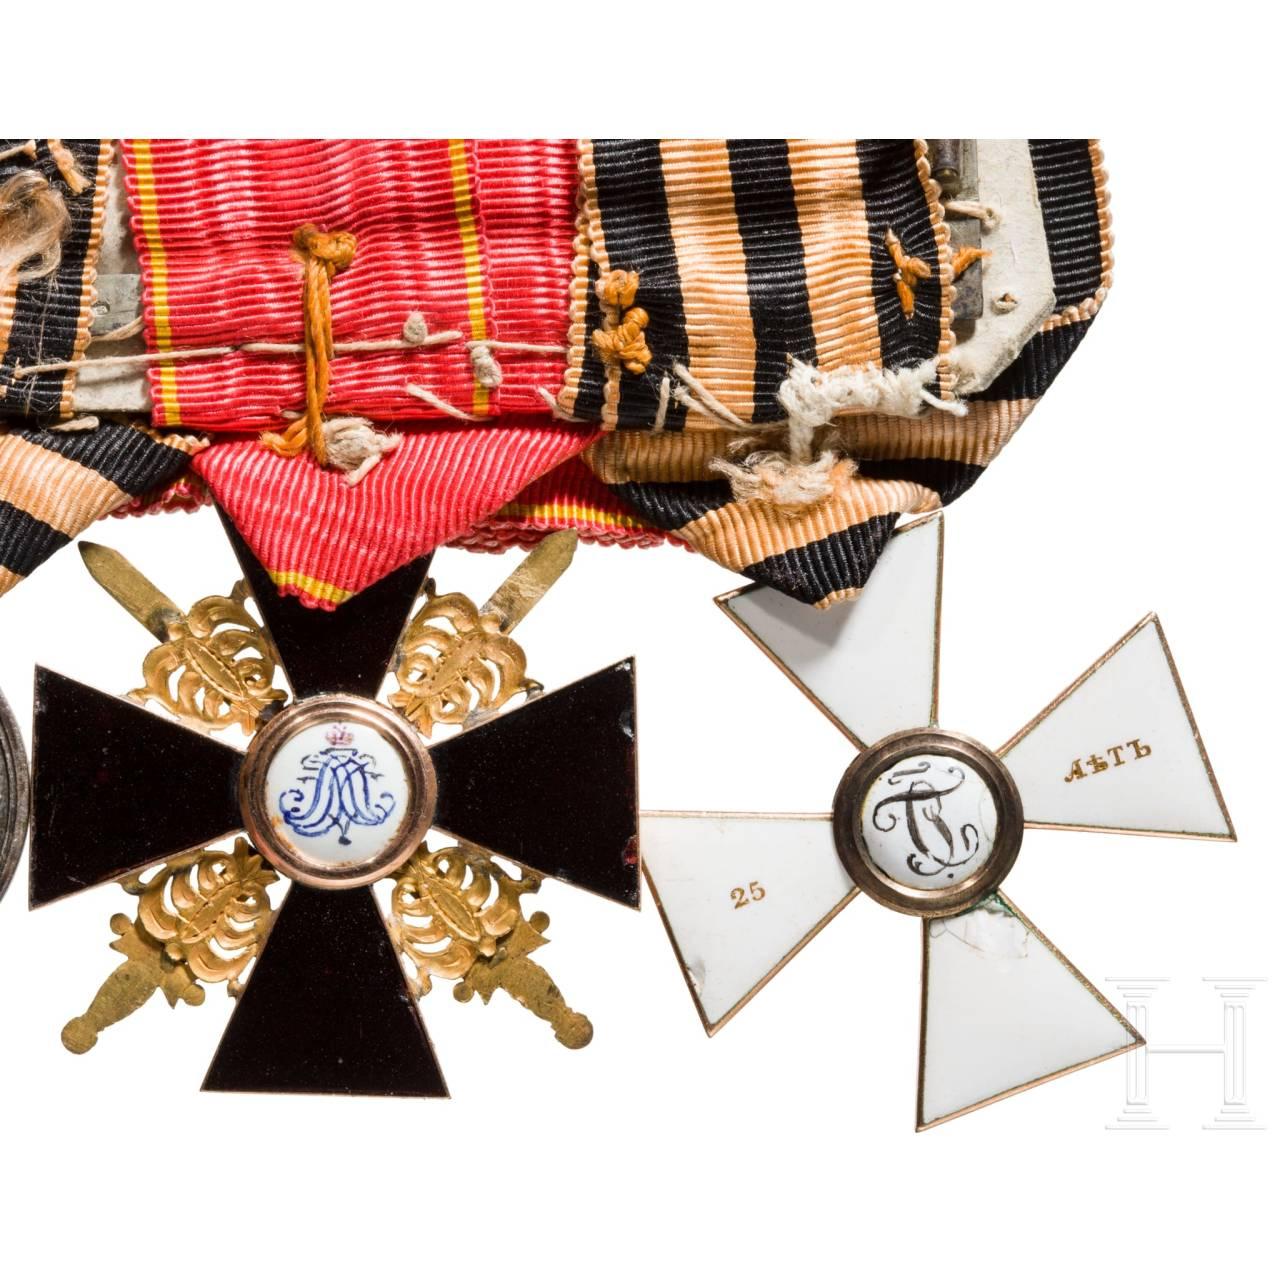 Seltene Ordensspange mit St. Georgs-Orden, Kreuz 4. Klasse für 25 Dienstjahre, St. Anna-Orden, Kreuz 3. Klasse mit Schwertern, Orden Virtuti Militari, Kreuz 4. Klasse, Russland, Mitte 19. Jhdt.